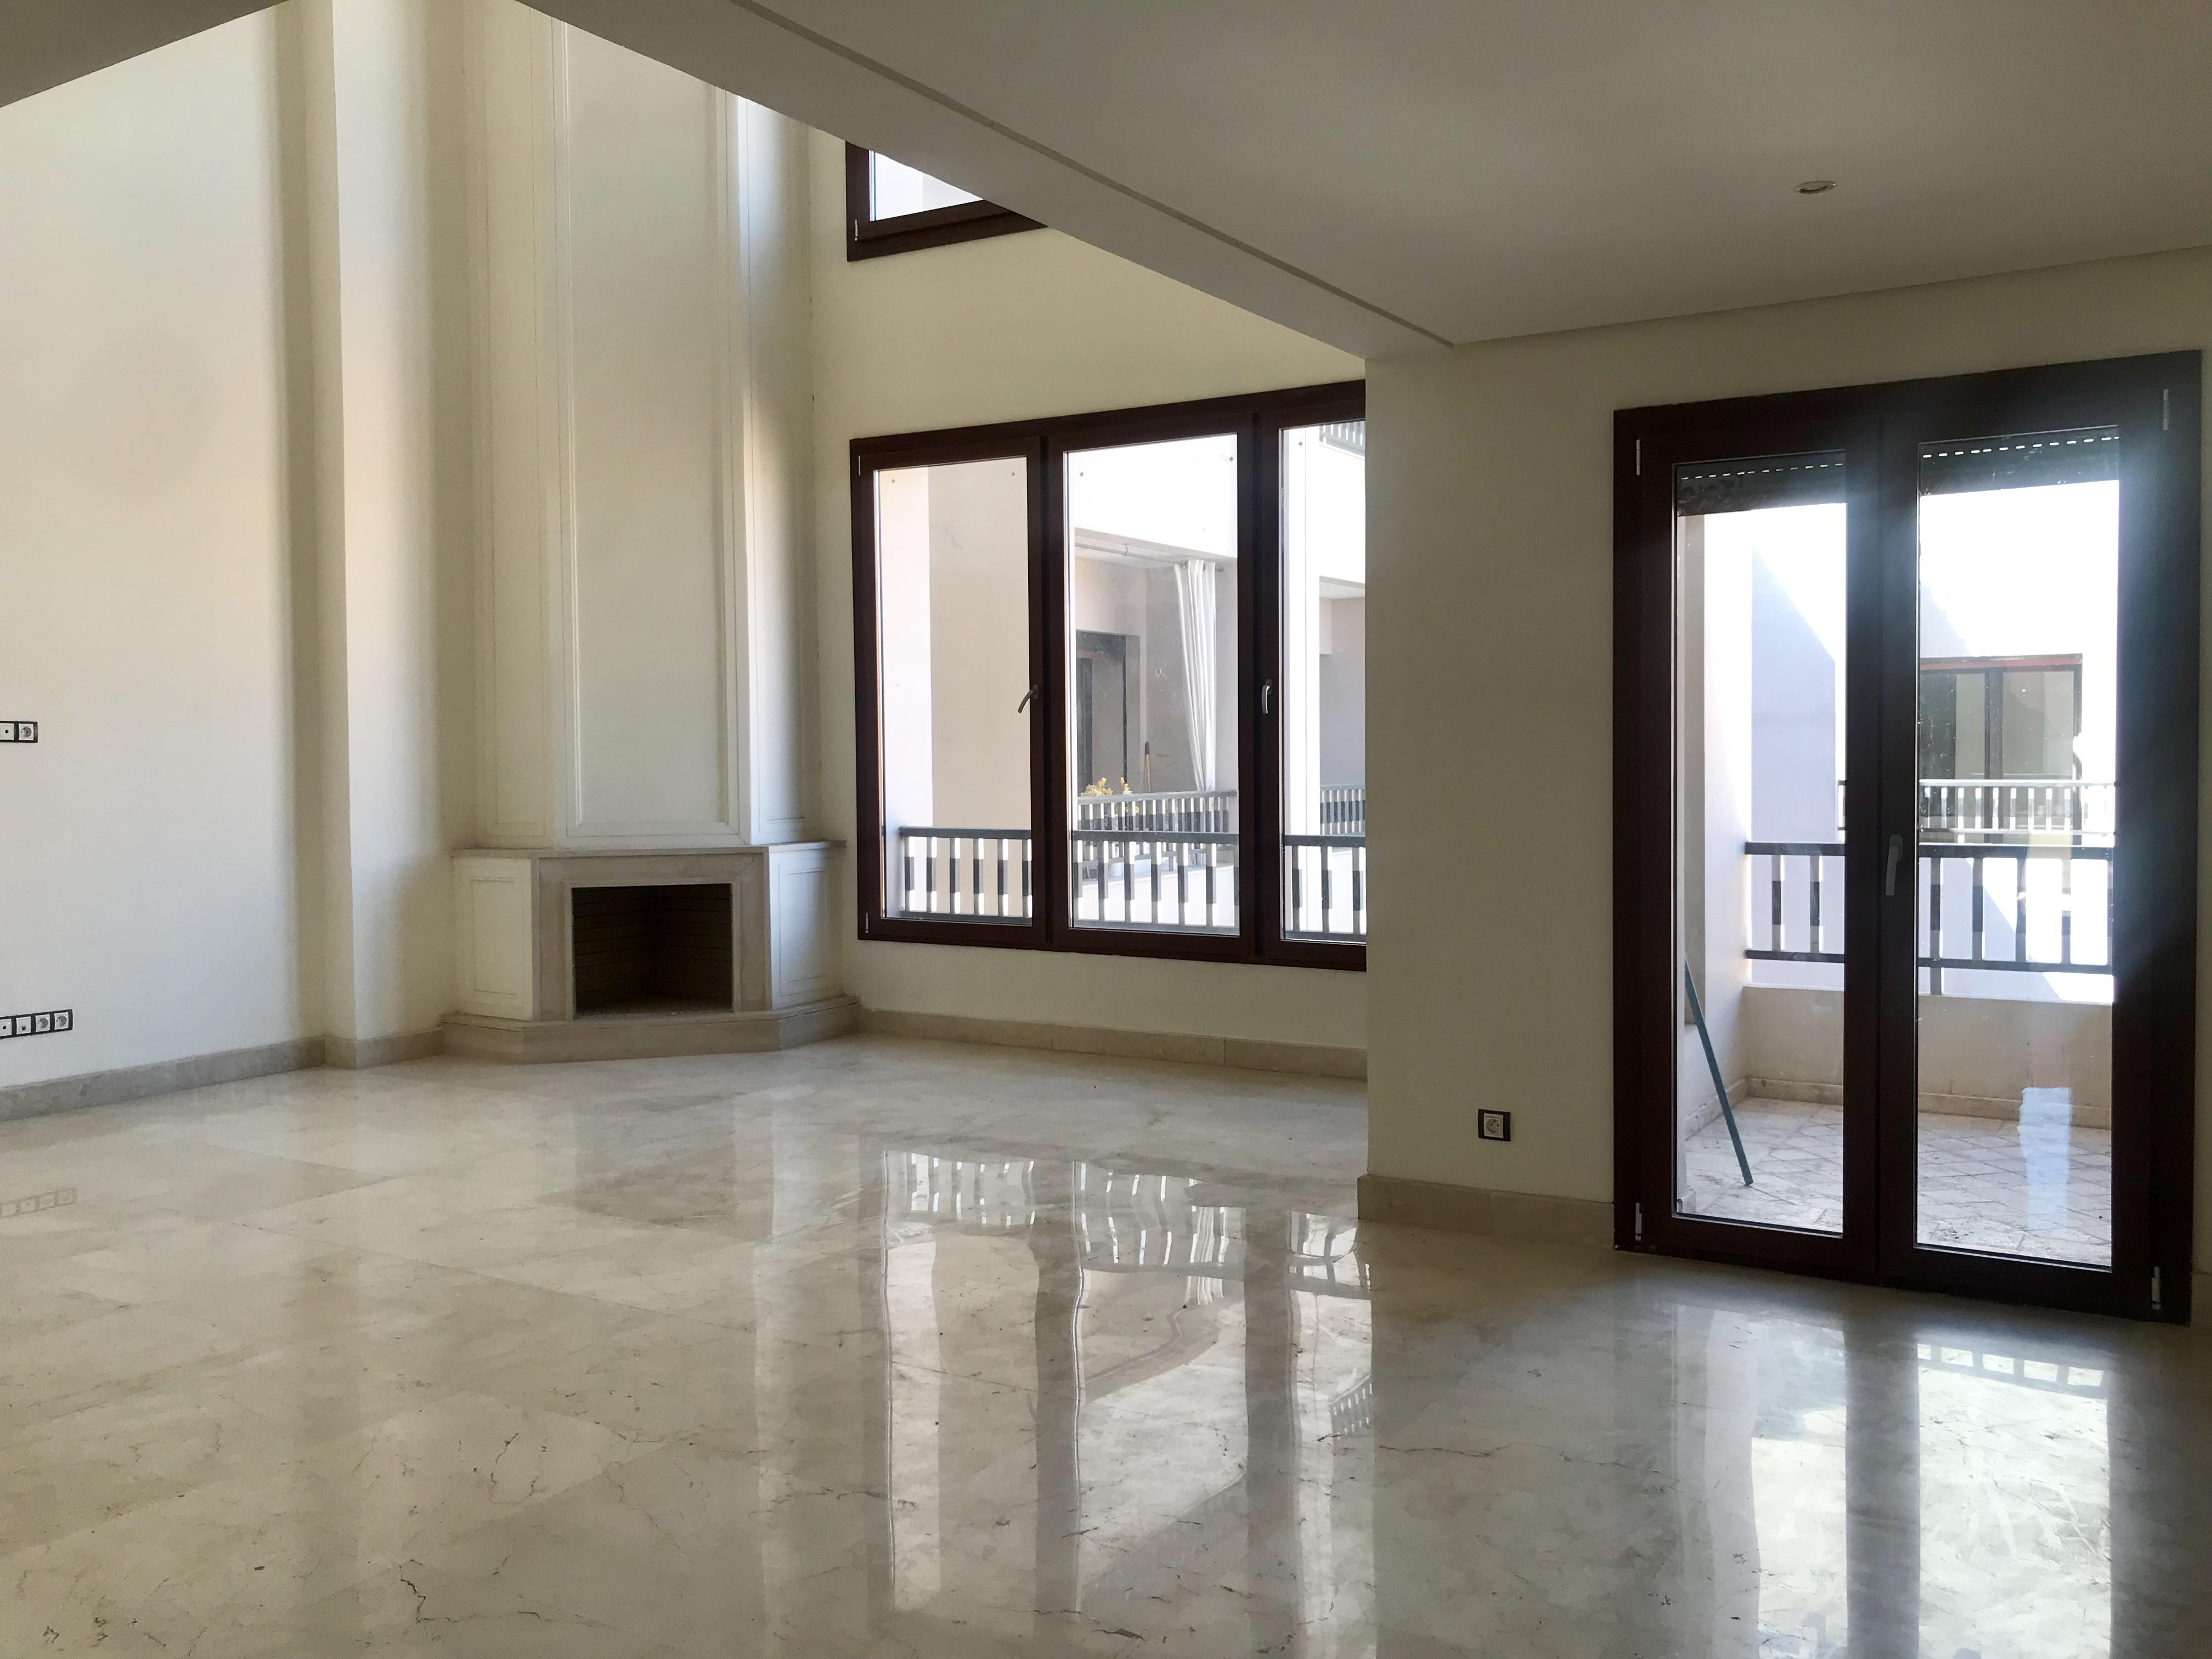 Vente <strong>Appartement</strong> Marrakech Guéliz <strong>195 m2</strong>